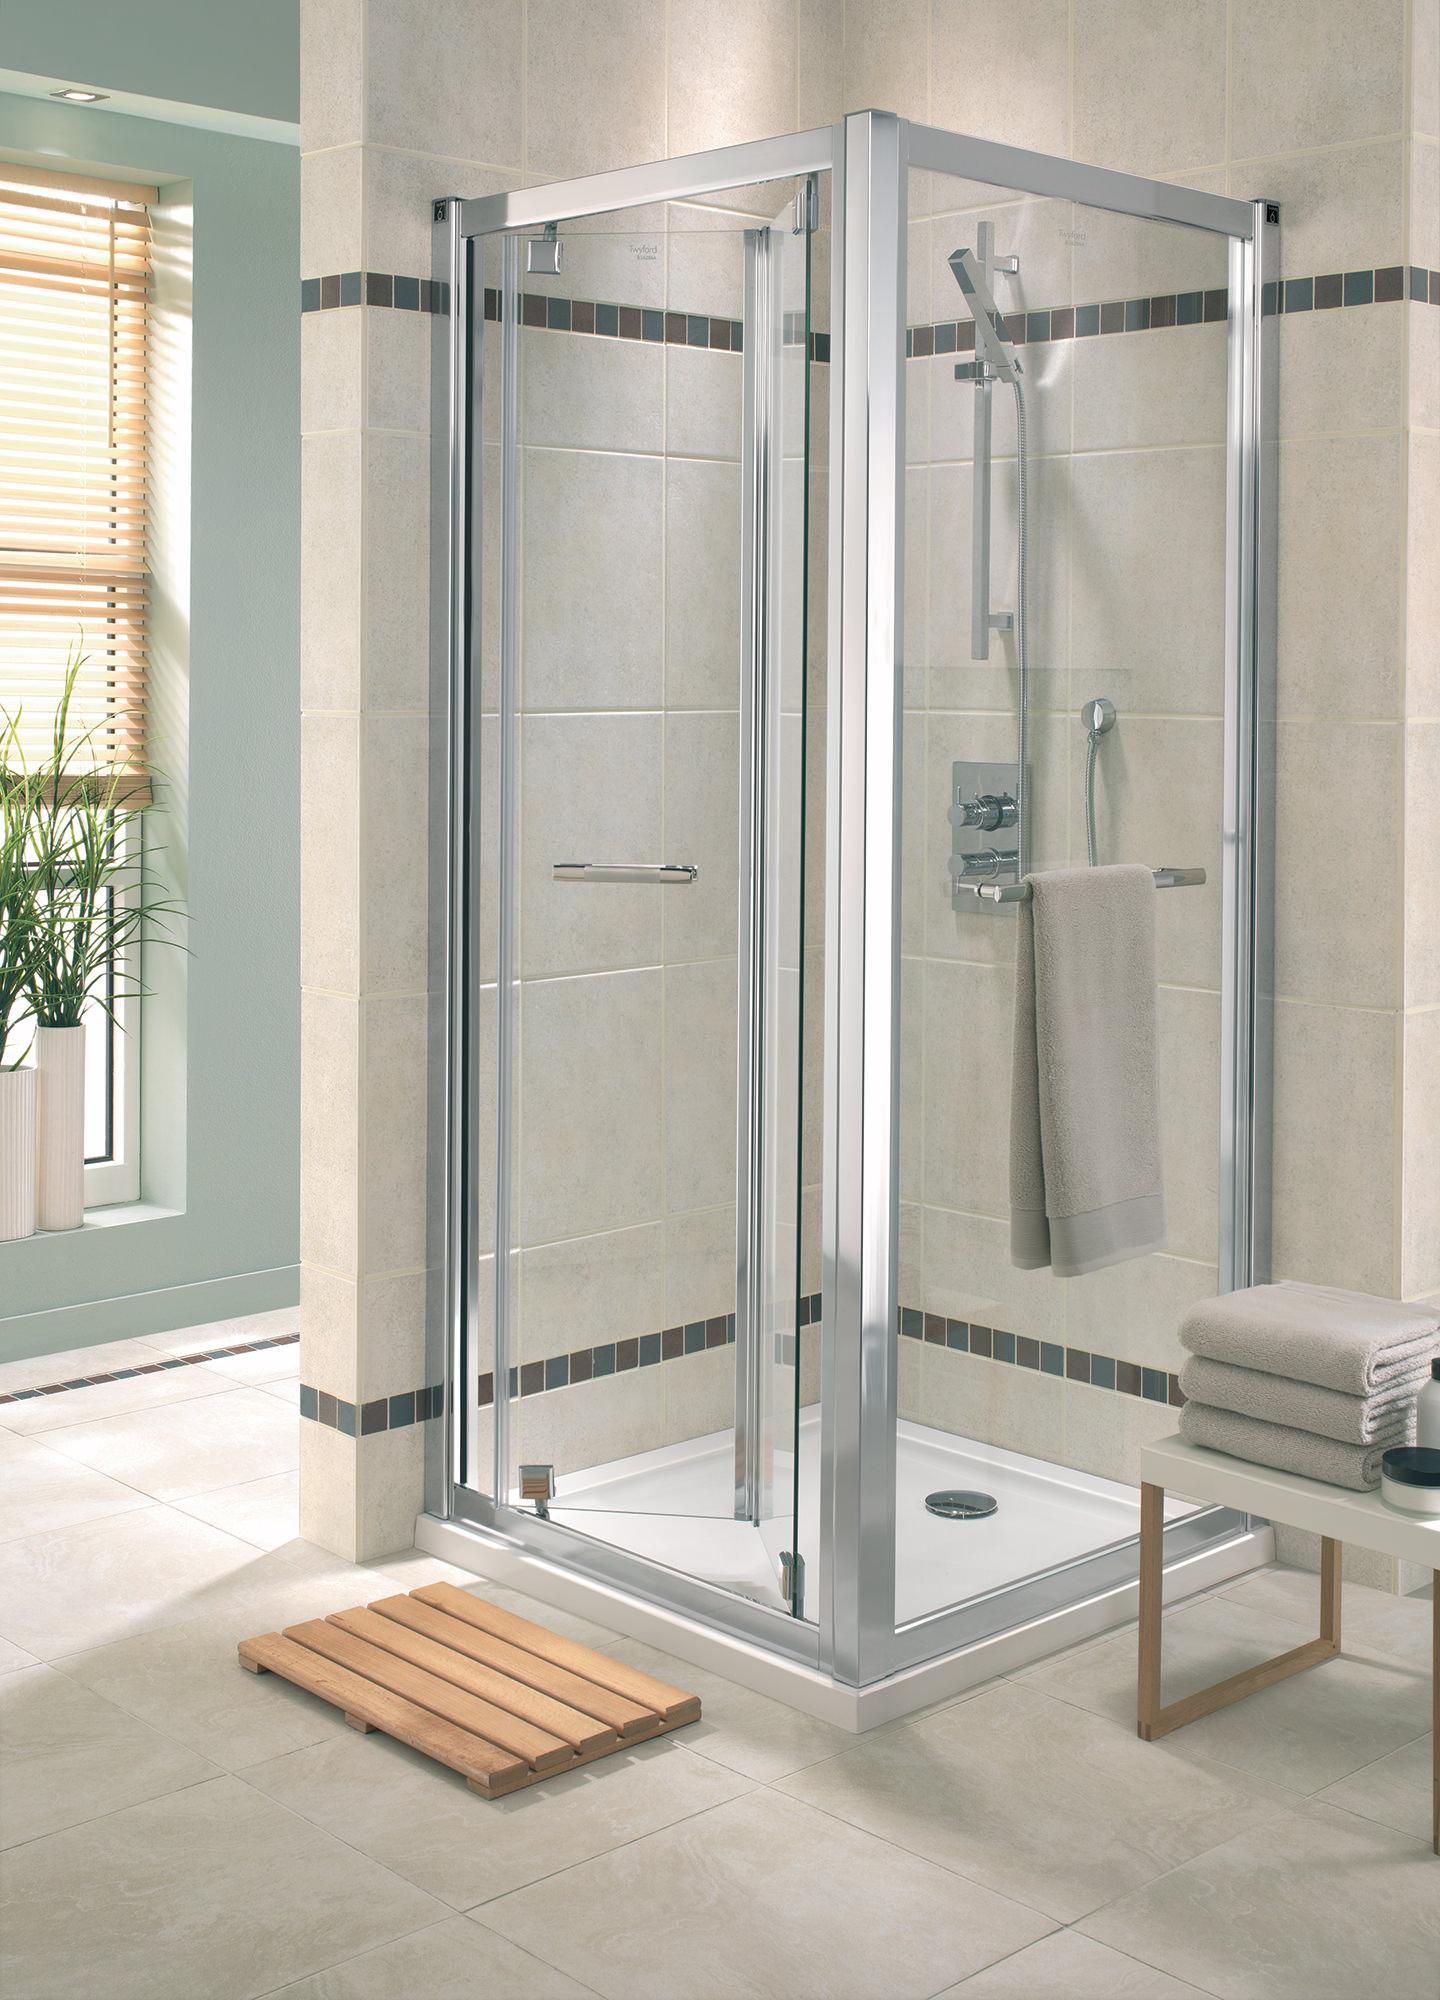 Bifold Bathroom Door: Twyford Geo6 Bi-Fold Shower Enclosure Door 900mm